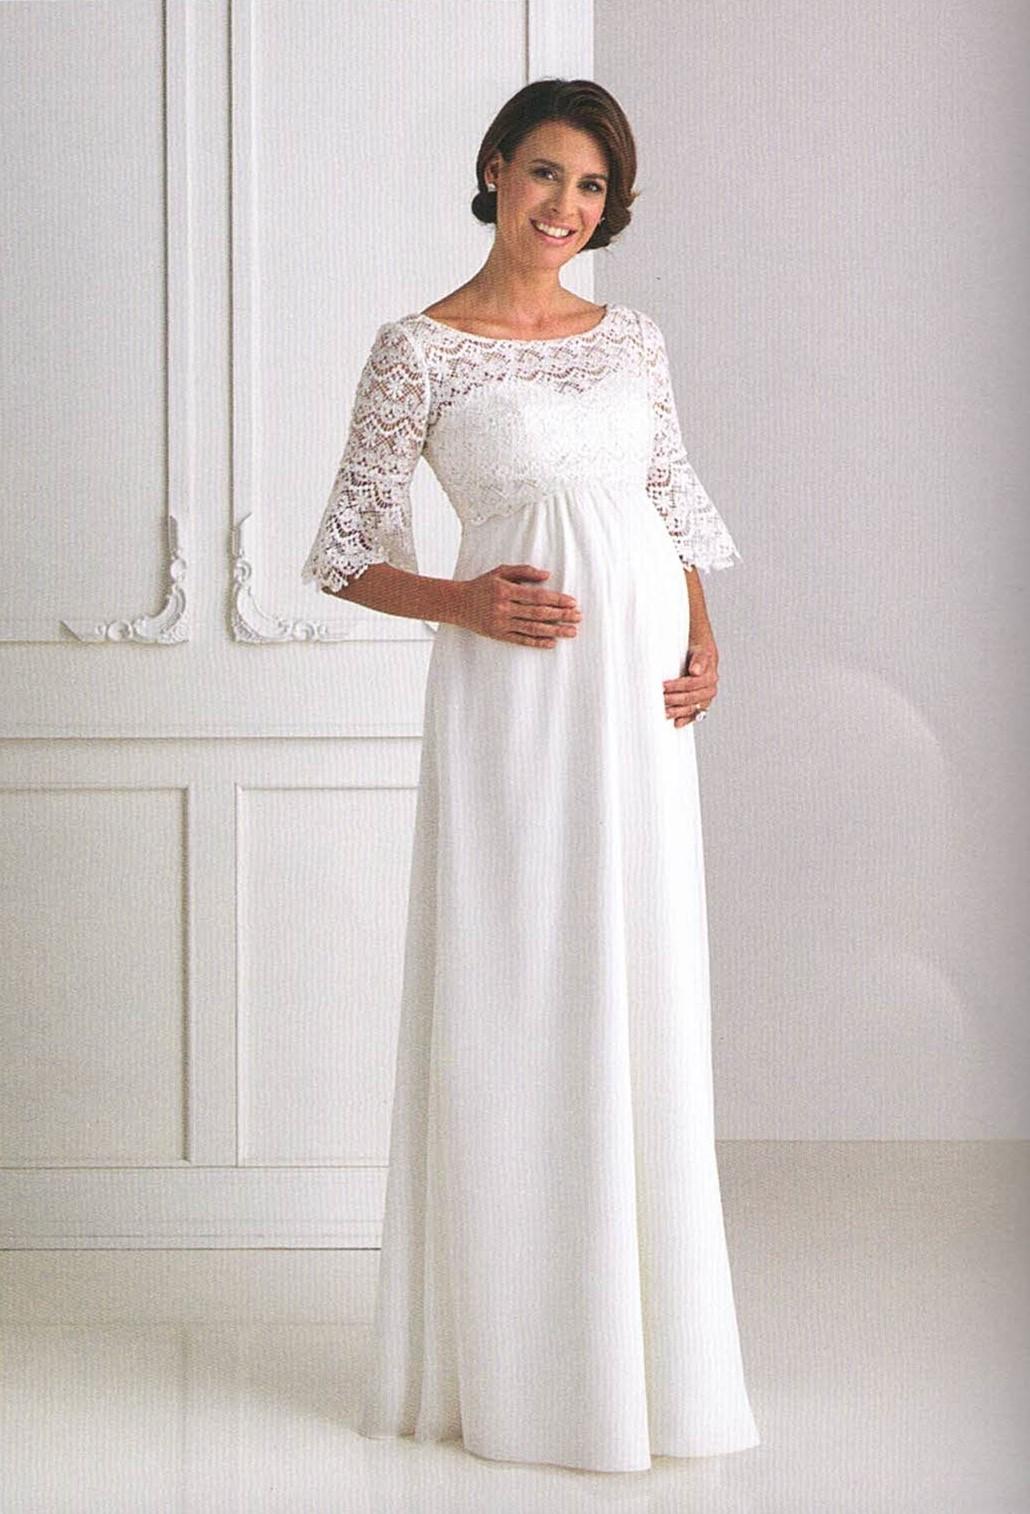 Brautkleider Hochzeitskleider Mode für schwangere langes Kleid mit Spitze und halbem Ärmel